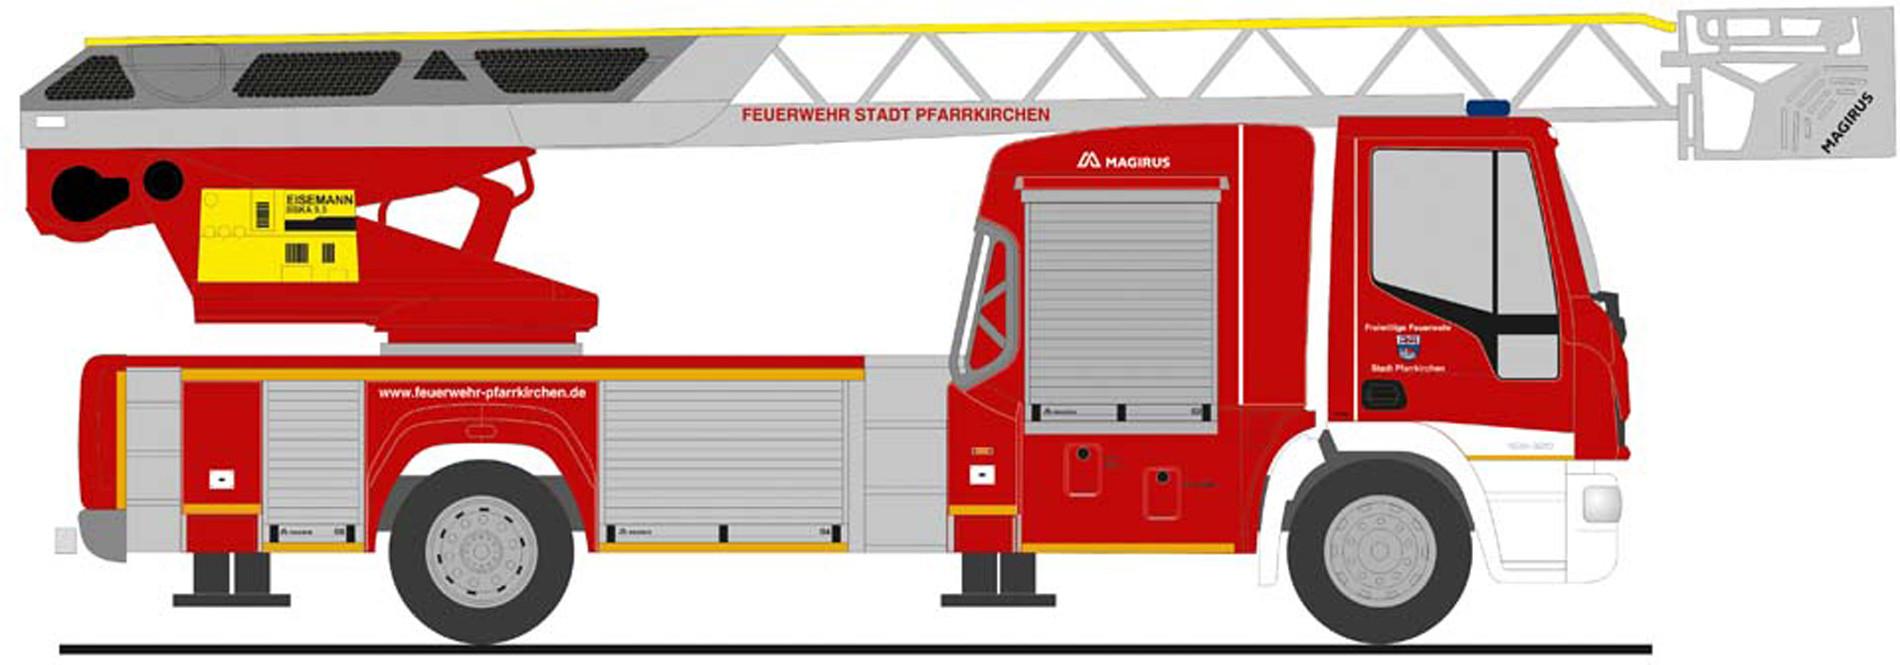 """Rietze IVECO DLK L32 `18 """" Feuerwehr Pfarrkirchen """", NH Herbst 2020,(Vorbestellung / Modell noch nicht lieferbar !!!)"""